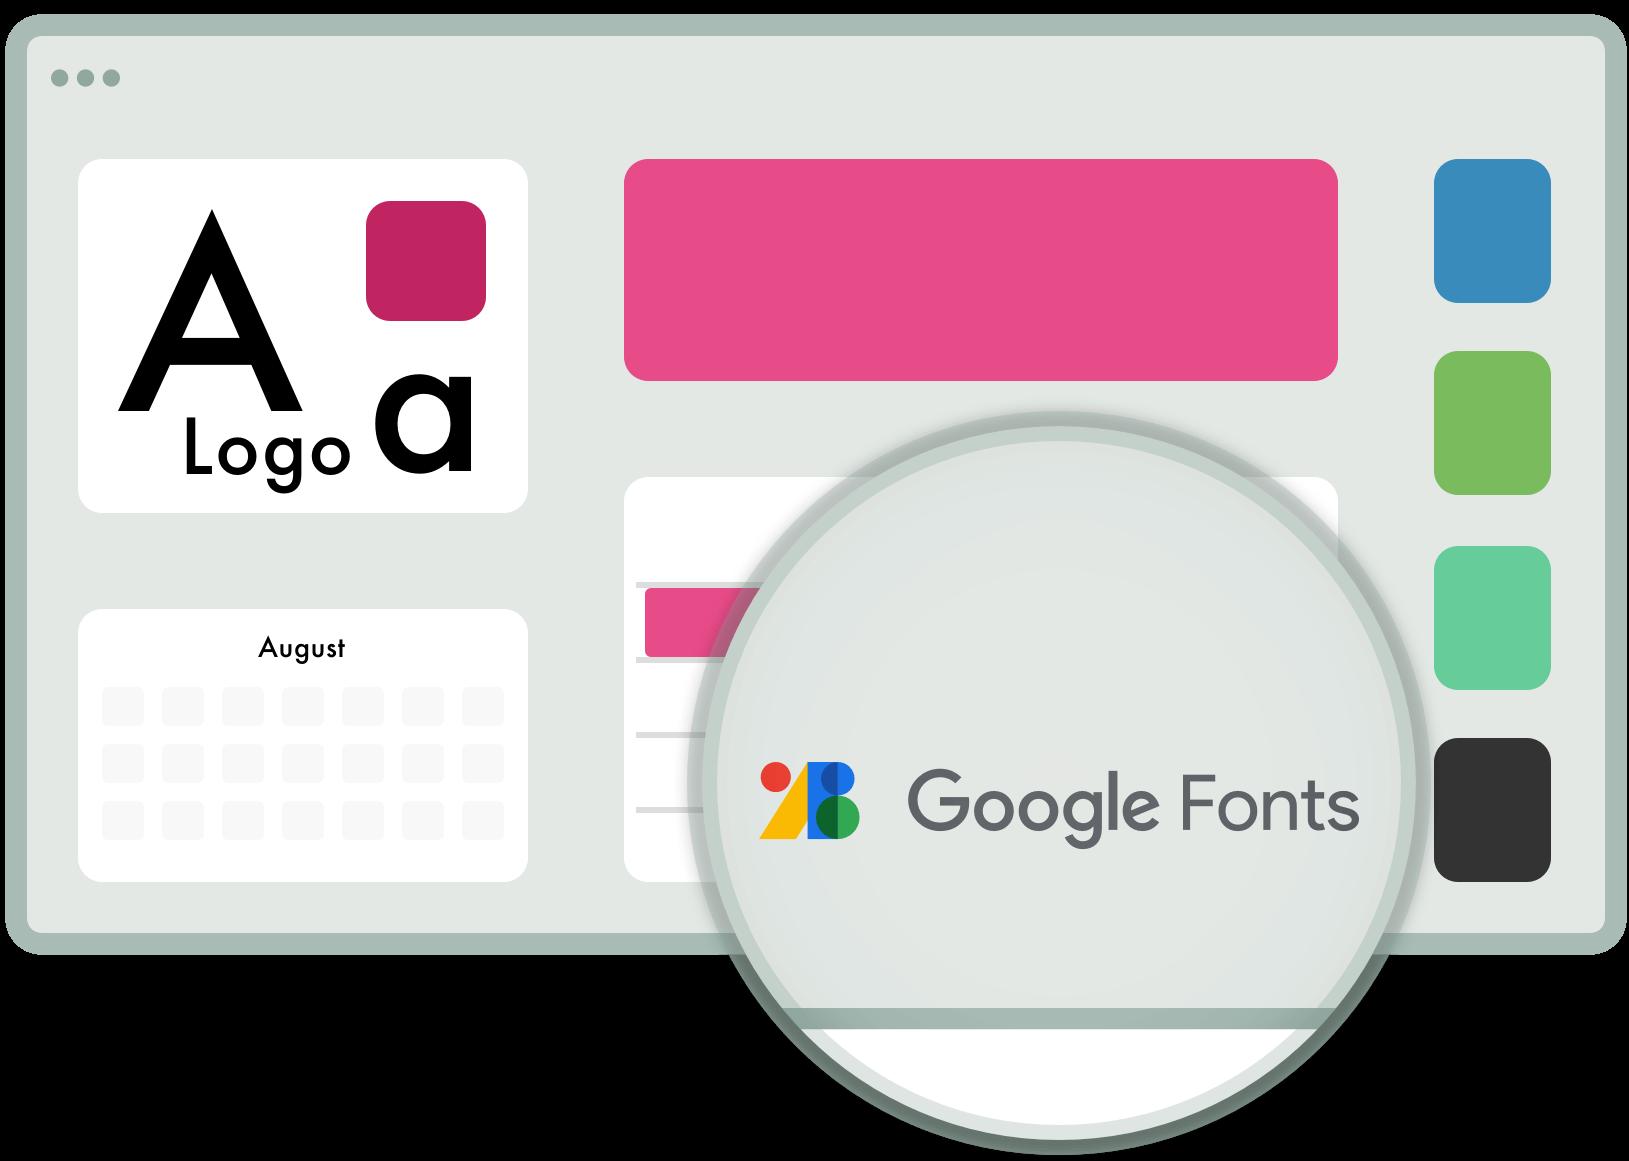 Farben, Fonts und Logos. Alles individuell anpasspar.